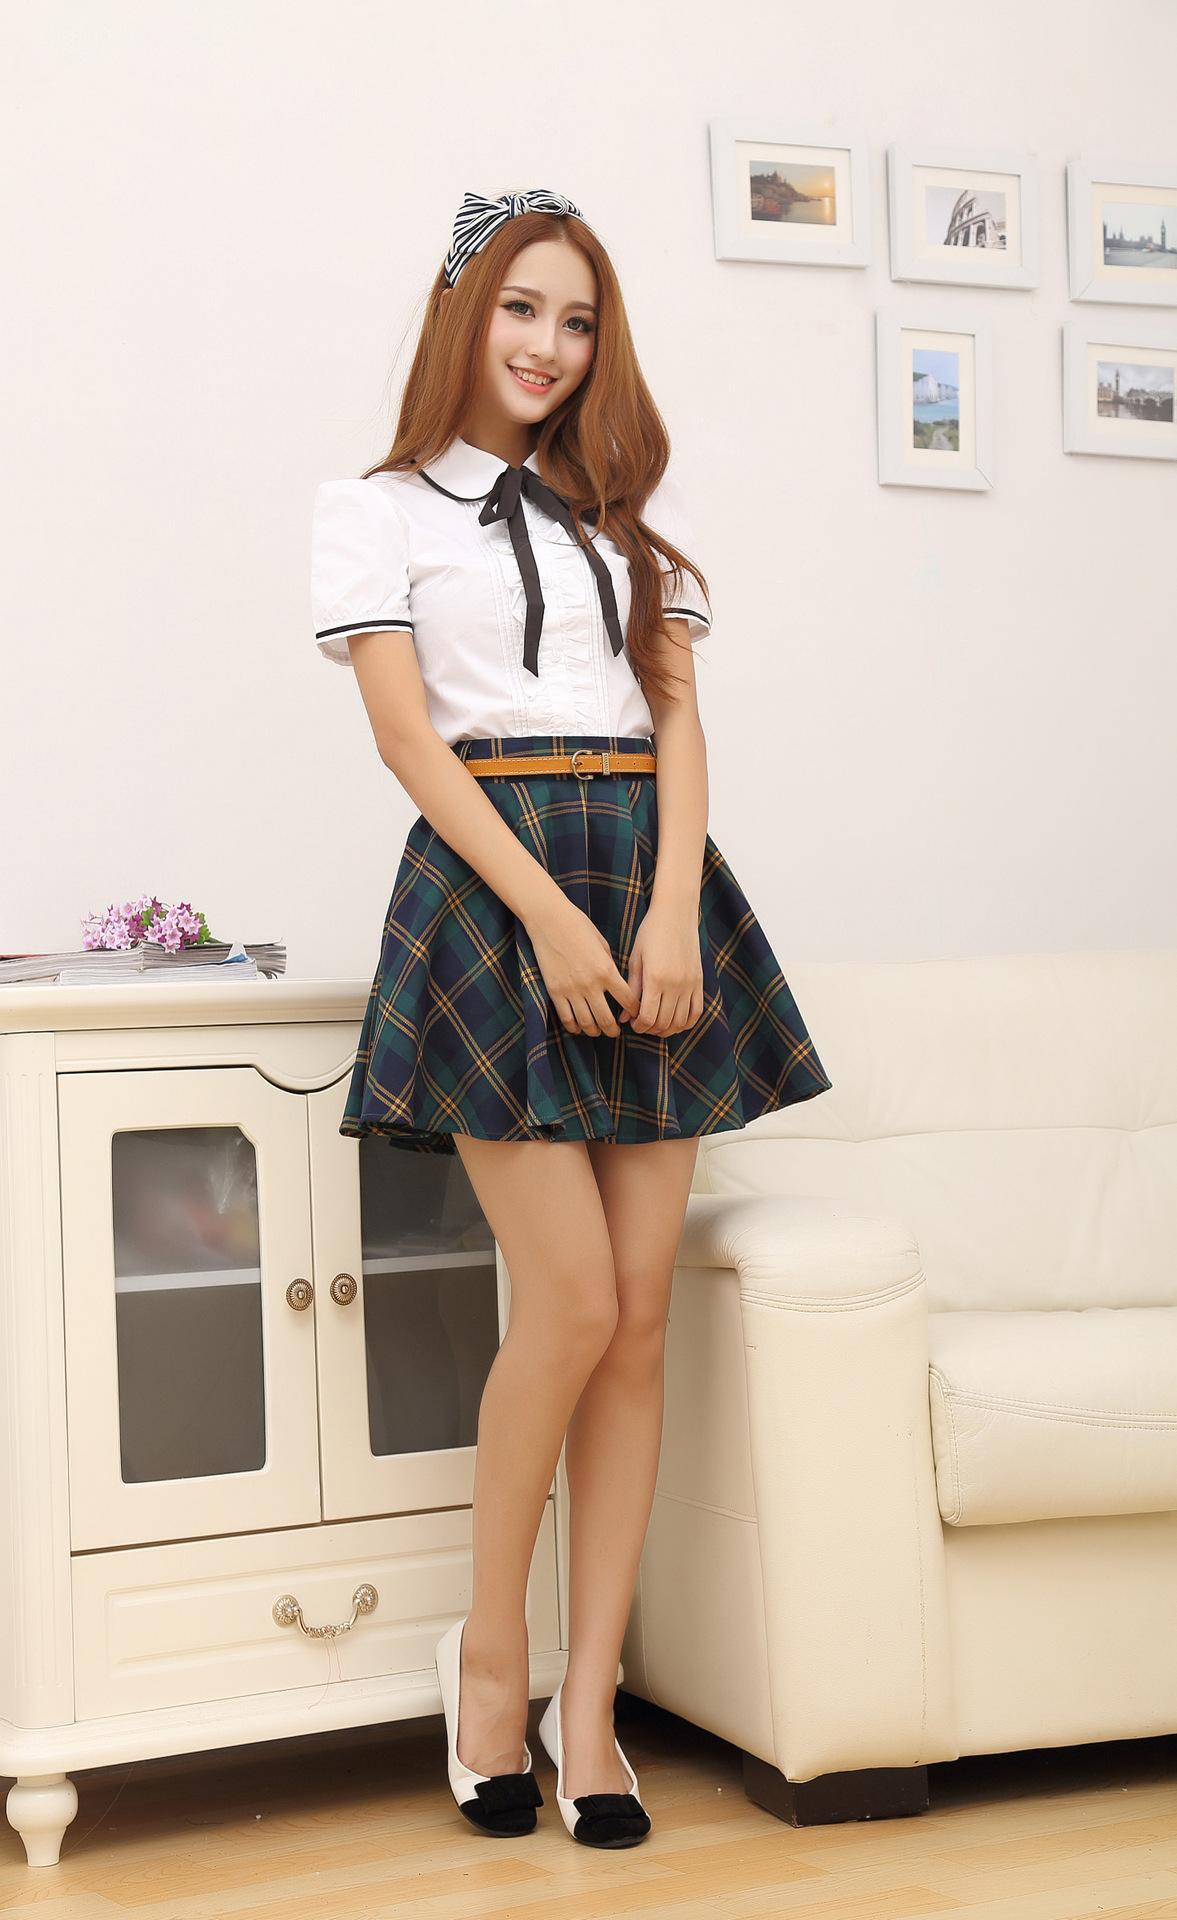 Asian girls in white panties